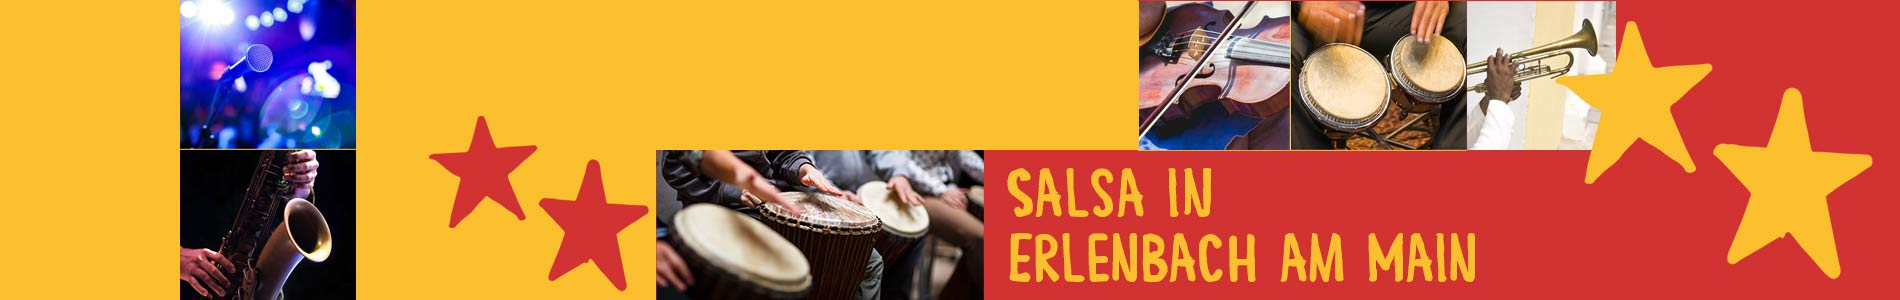 Salsa in Erlenbach am Main – Salsa lernen und tanzen, Tanzkurse, Partys, Veranstaltungen